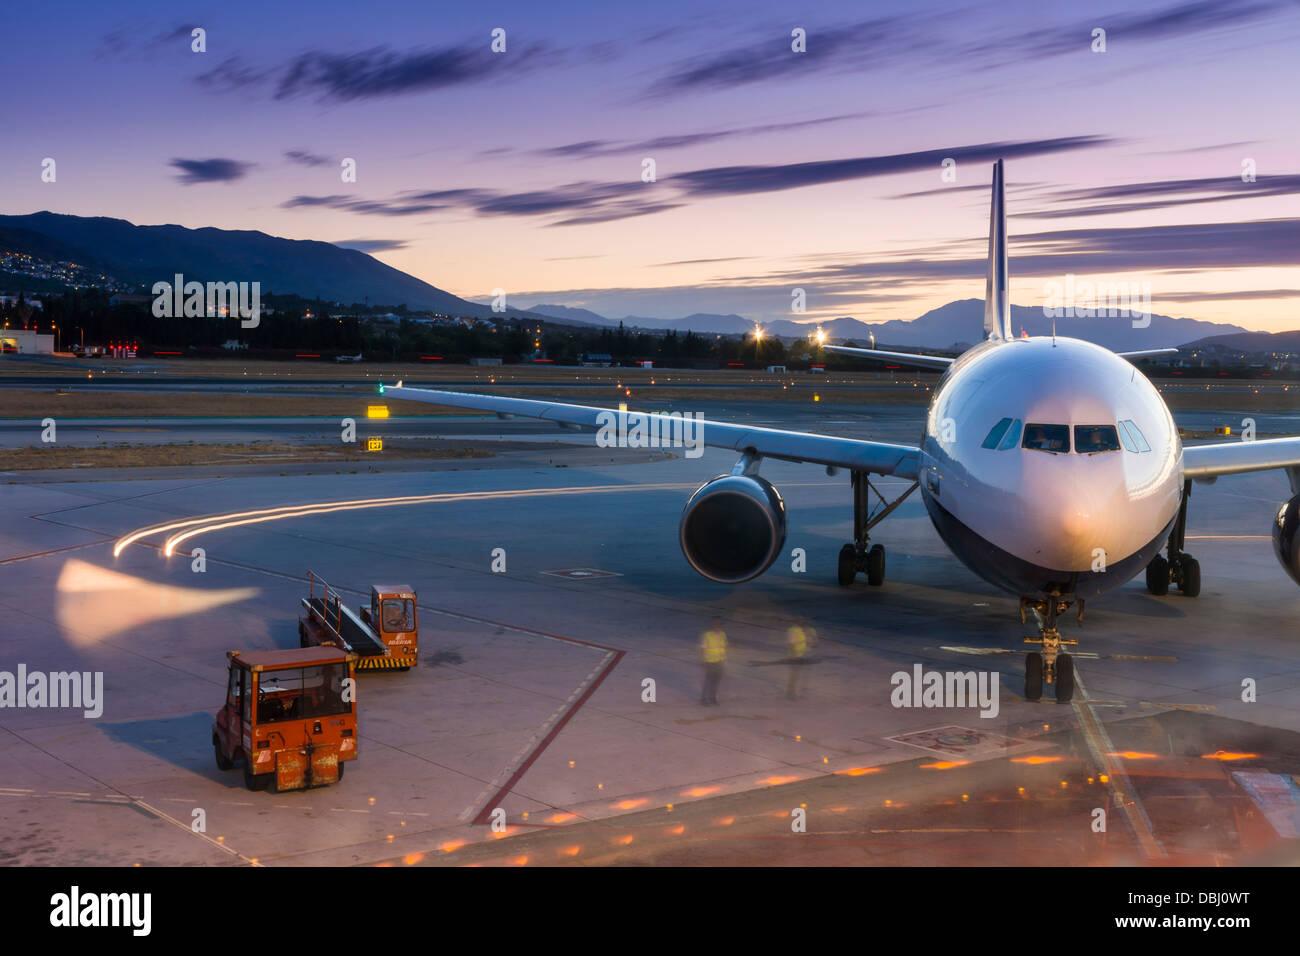 Un presupuesto de avión se prepara para el despegue de aviones desde el aeropuerto de Málaga, en el sur de España. Foto de stock